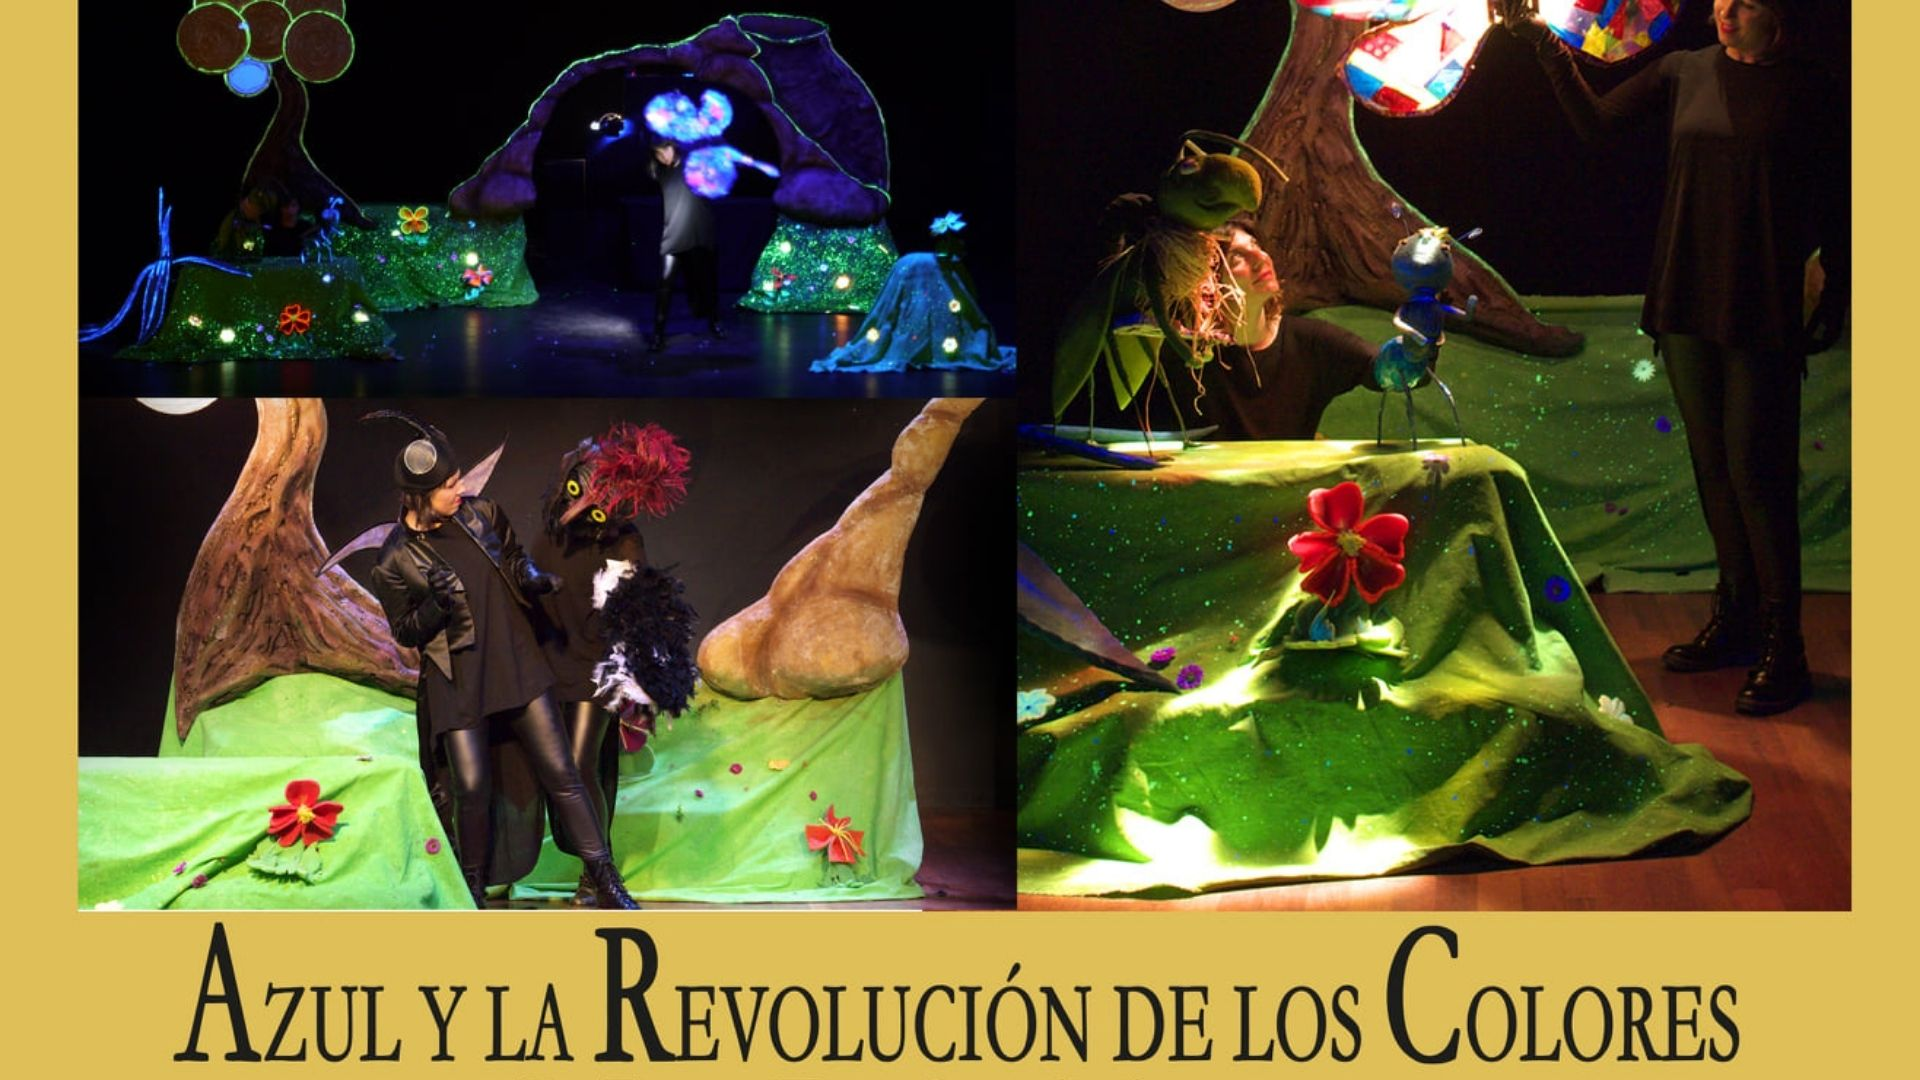 teatro-infantil-en-tapia-azul-y-la-revolucion-de-los-colores-mar-rojo-teatro-1920